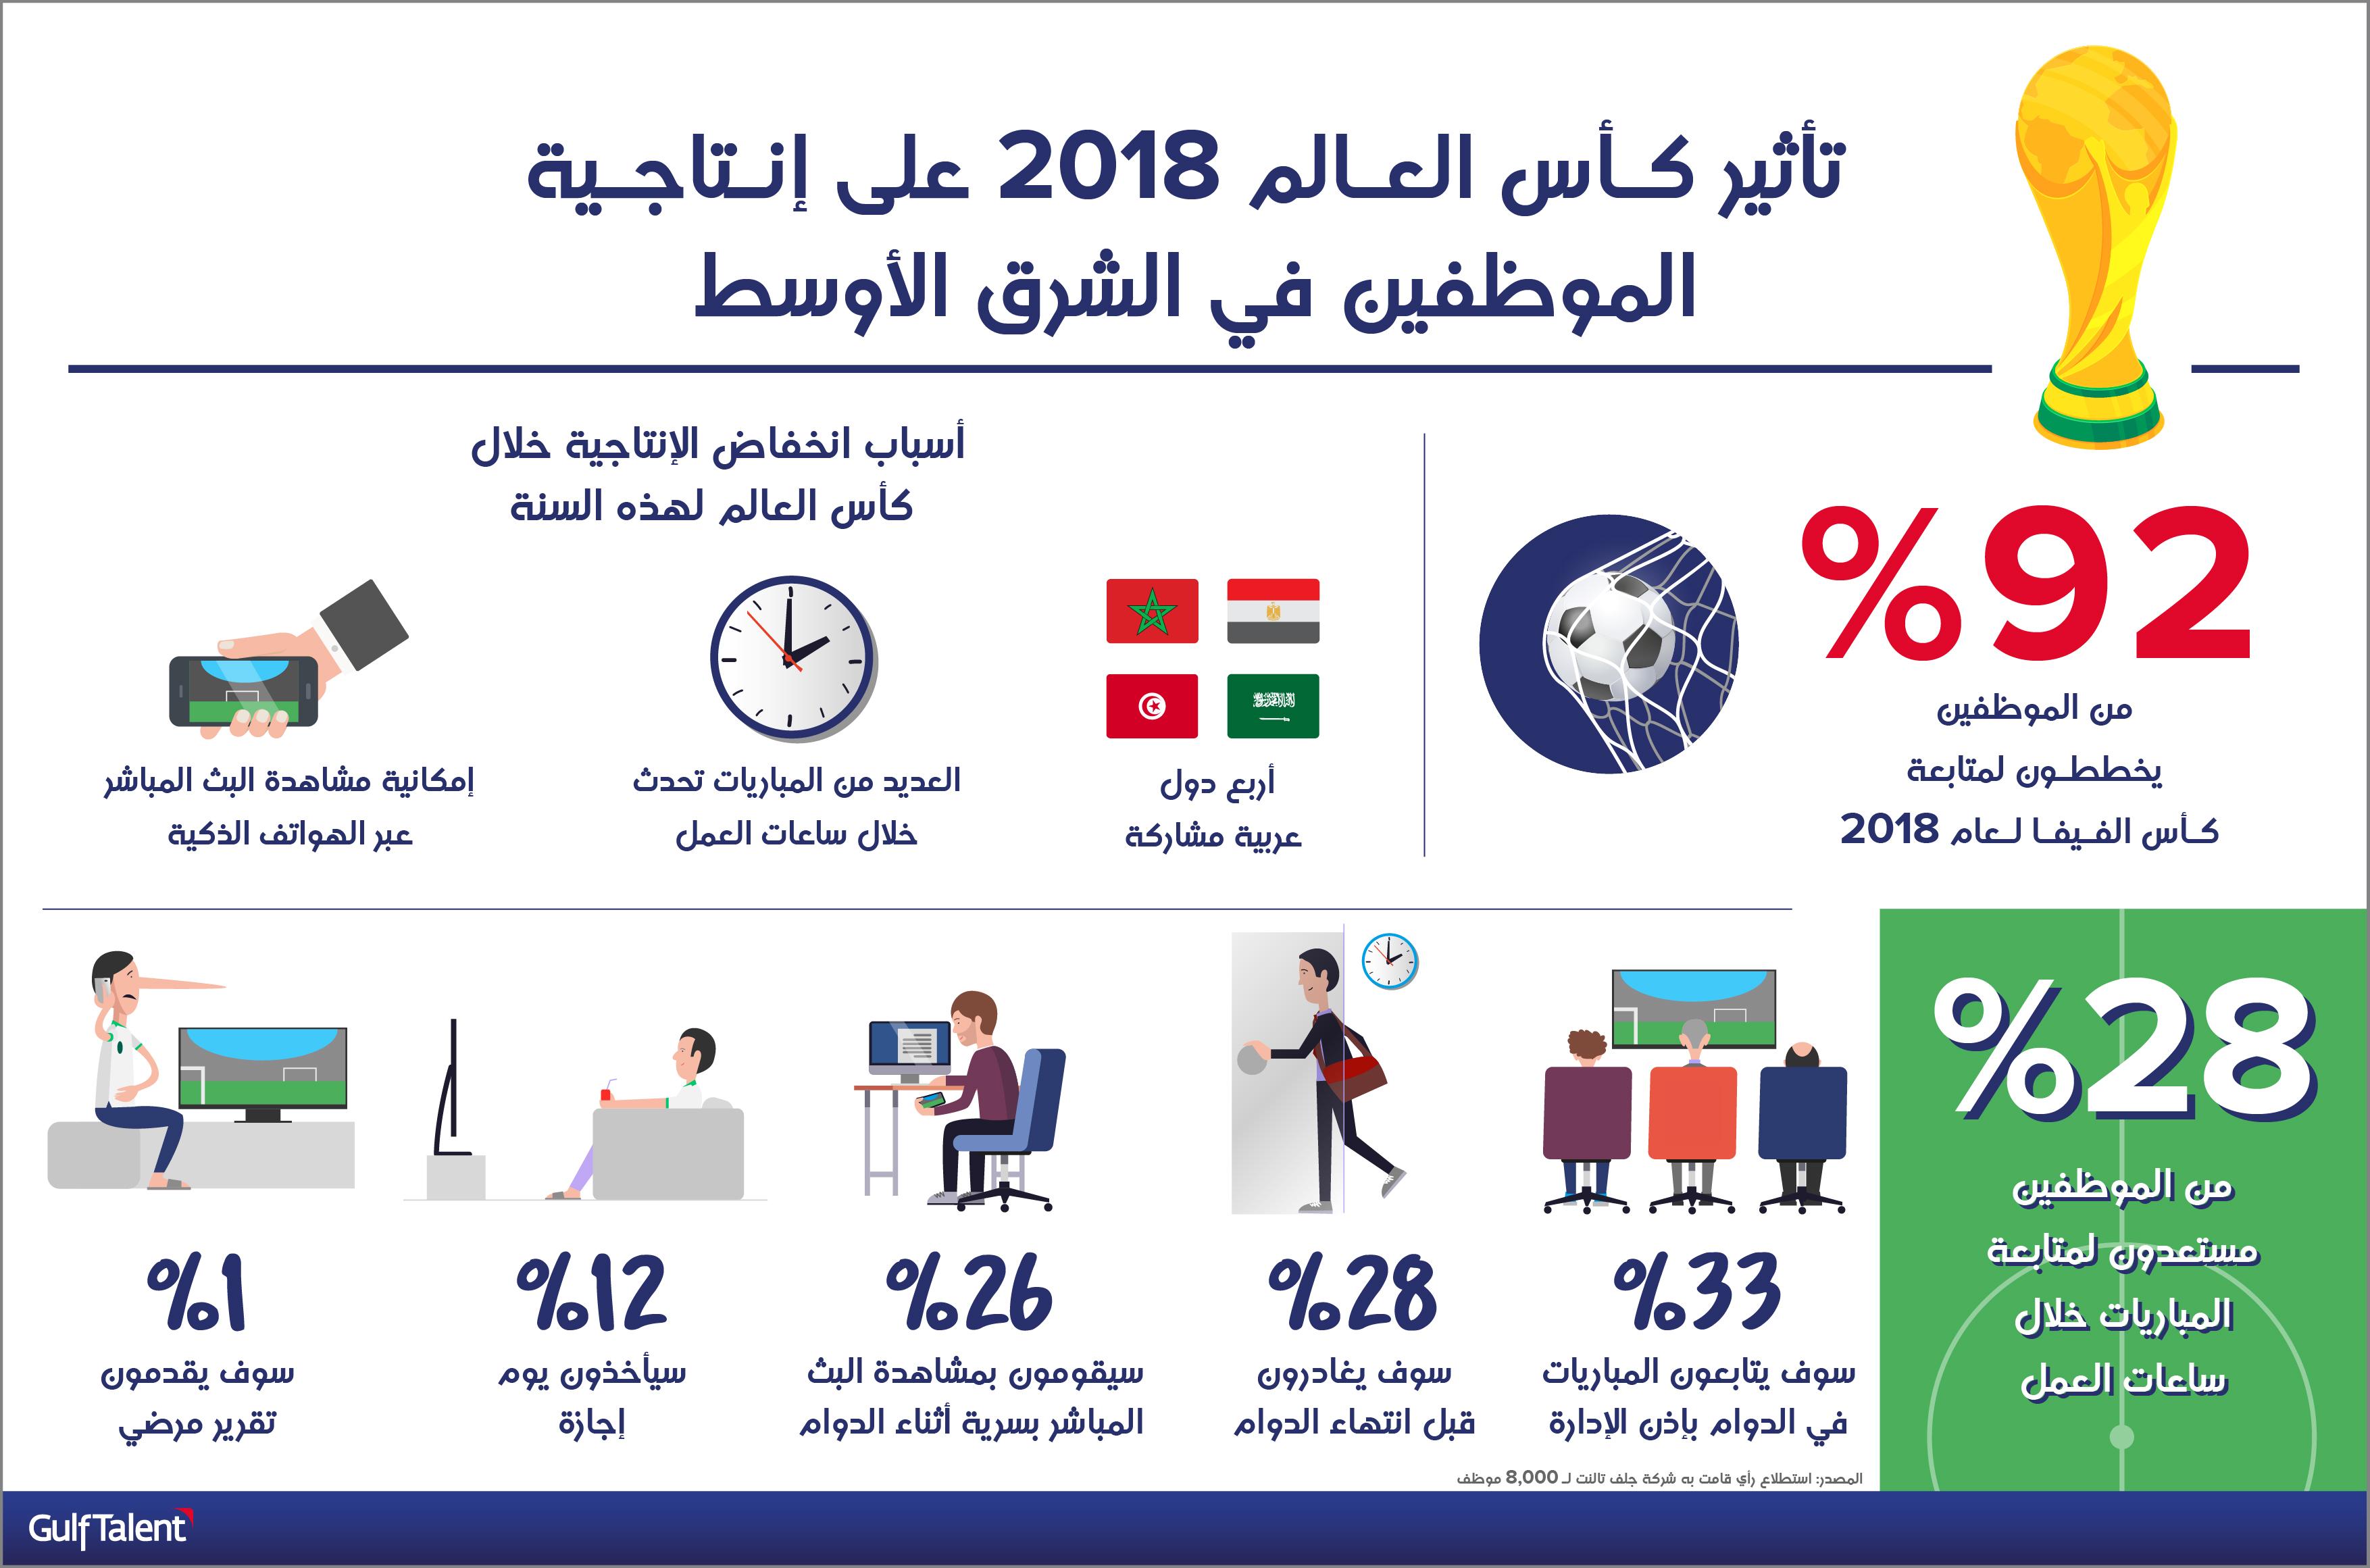 دراسة: ستنخفض إنتاجية الموظفين خلال كأس العالم لكرة القدم 2018